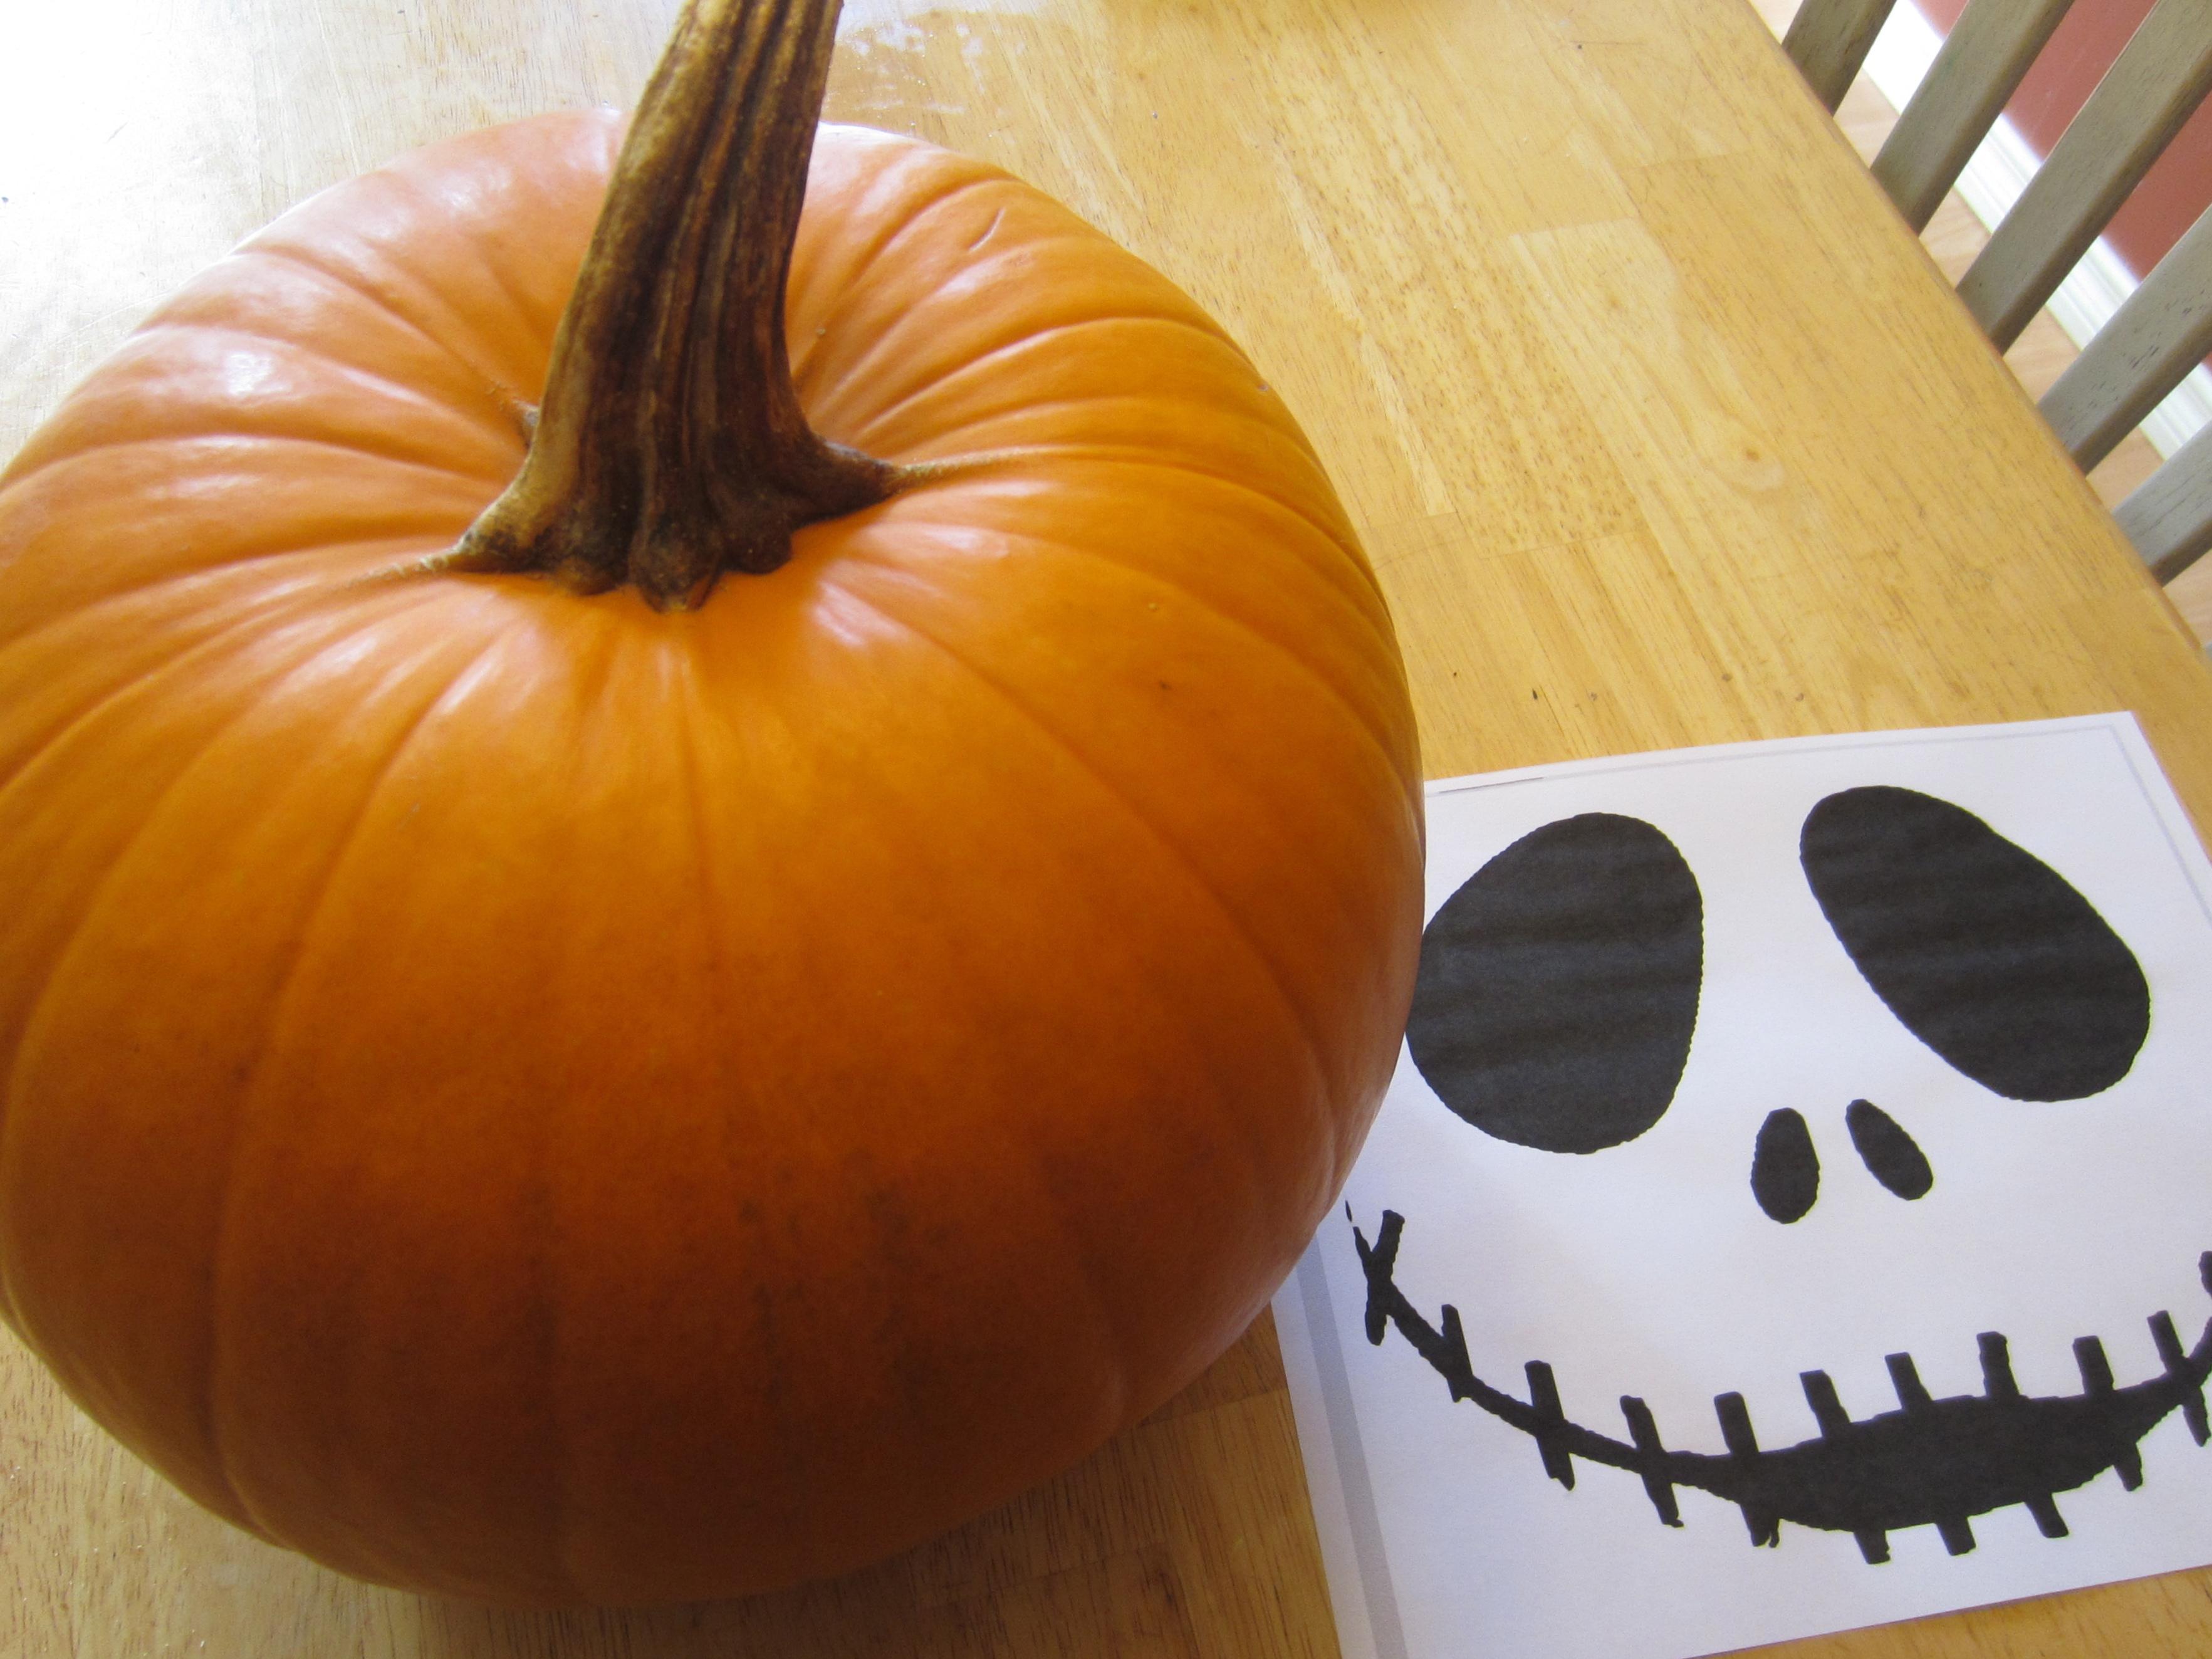 Fullsize Of Jack Skellington Pumpkin Carving